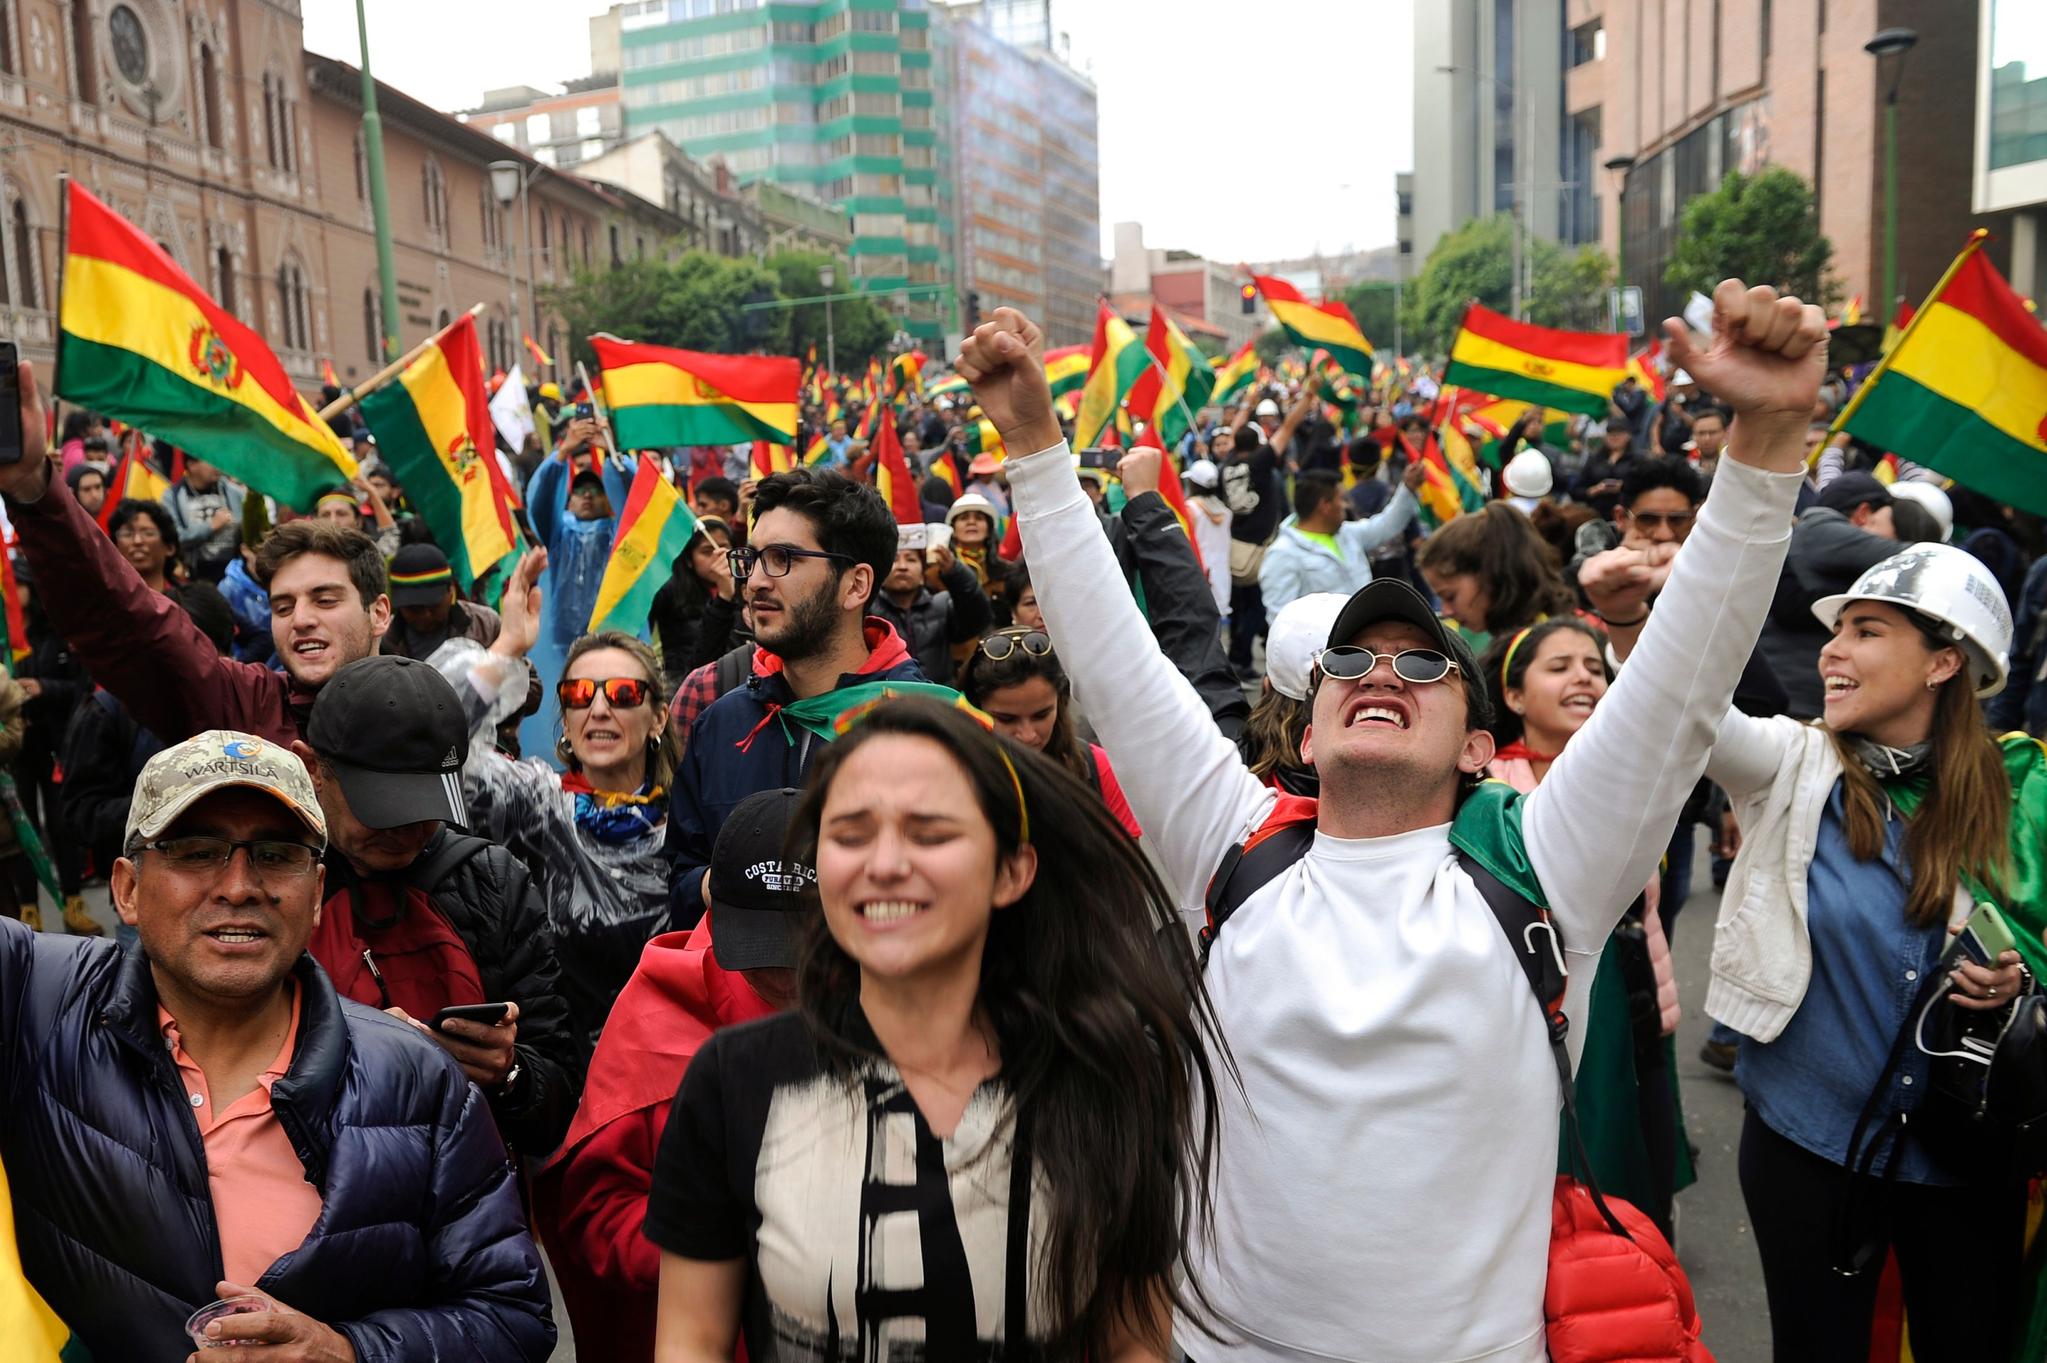 볼리비아 시민들이 10일(현지시간) 모랄레스 대통령의 사임 소식이 전해지자 라파즈 시내에 나와 기뻐하고 있다. [AFP=연합뉴스]